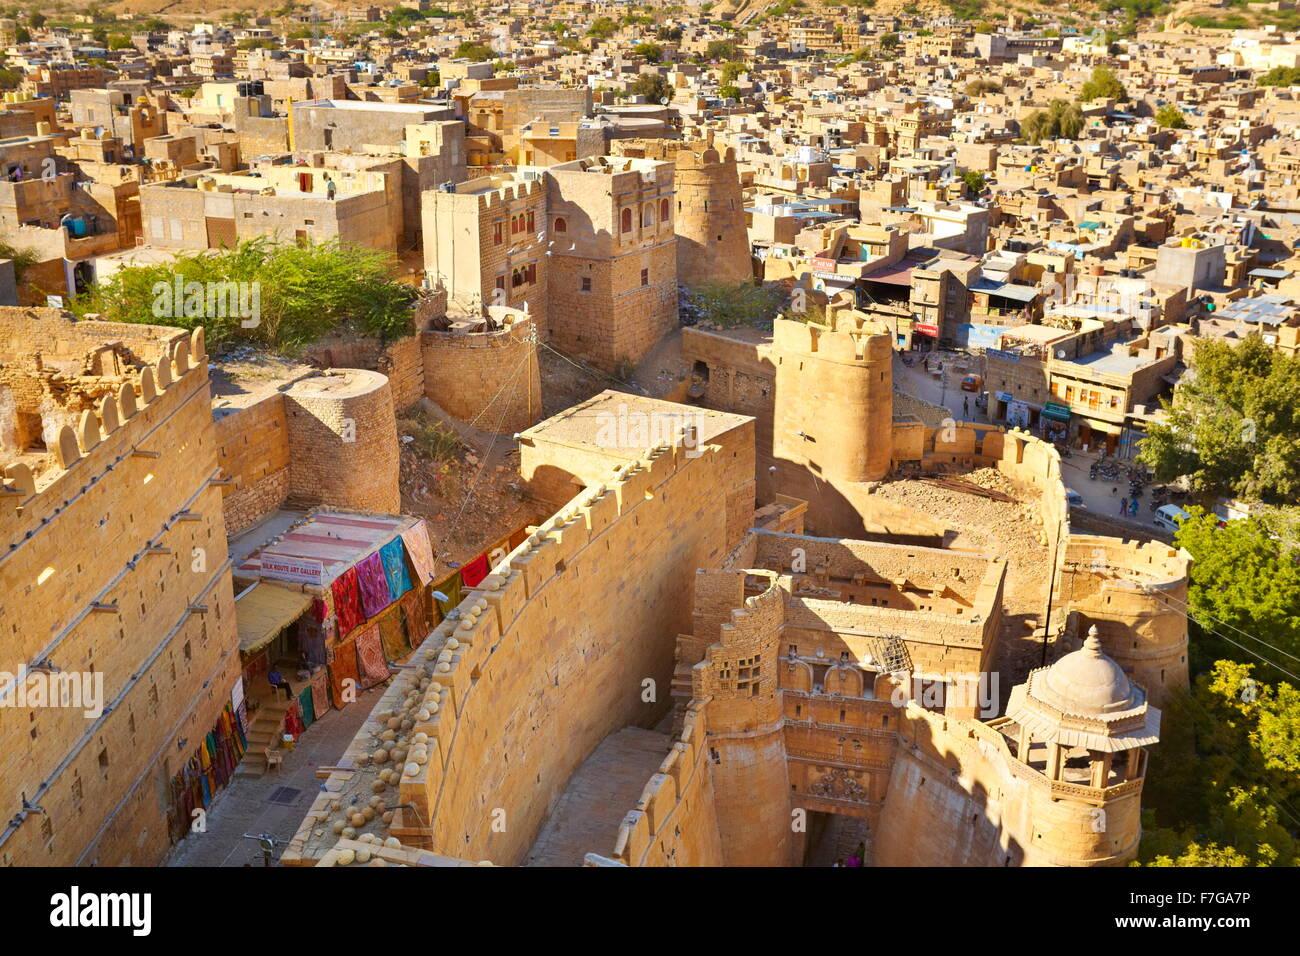 Vista aérea desde la parte superior de Jaisalmer Fort del foritication y ciudad abajo, Jaisalmer, India Imagen De Stock